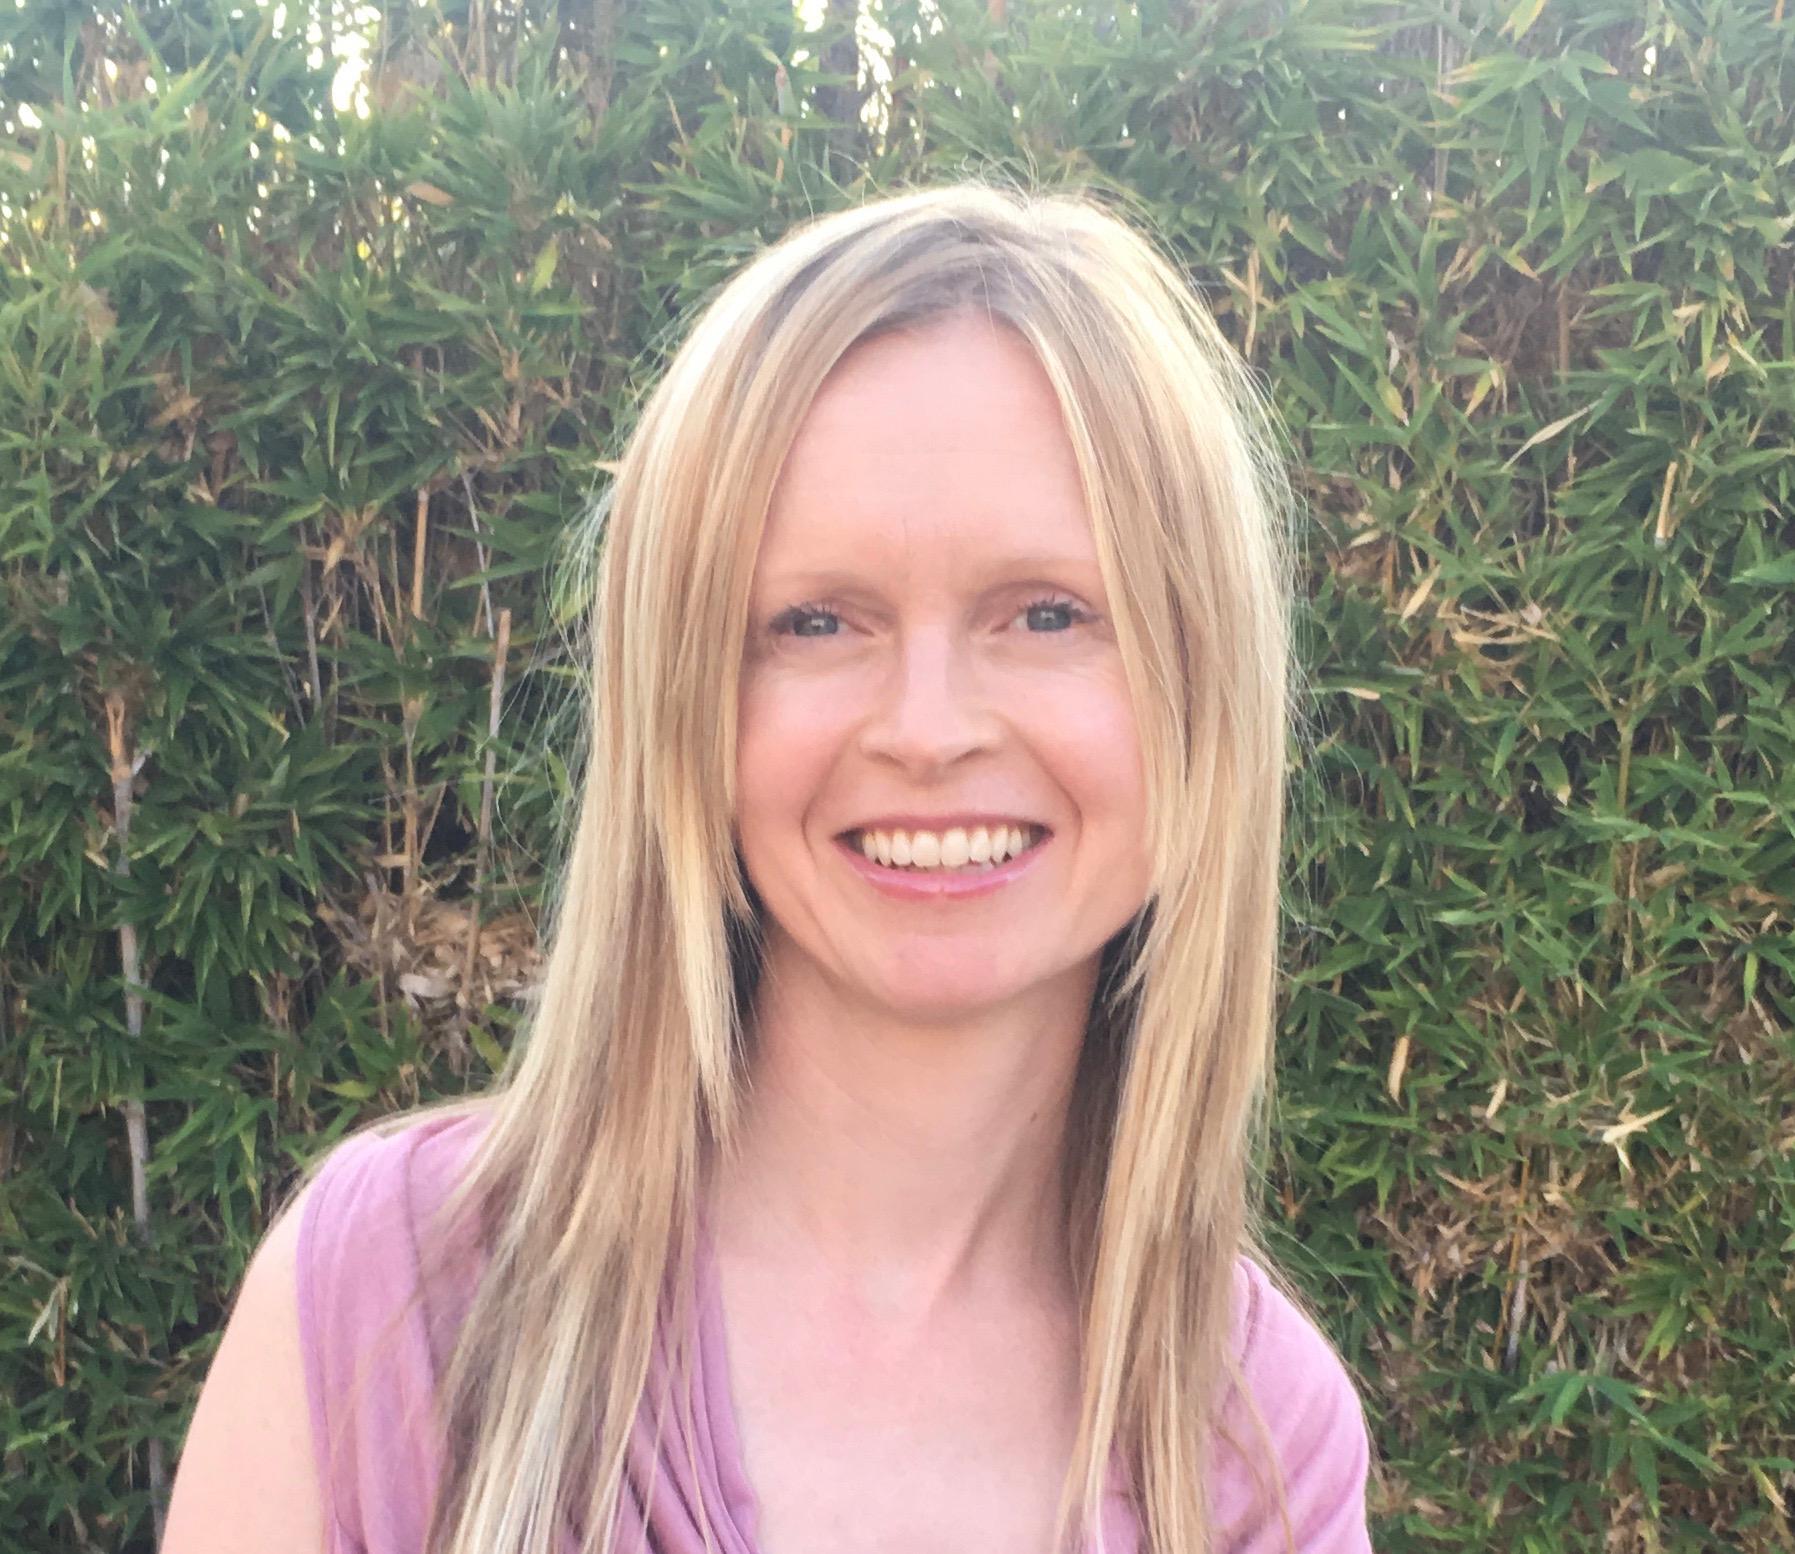 Liz von Schlegell – Brainspotting Certified Therapist